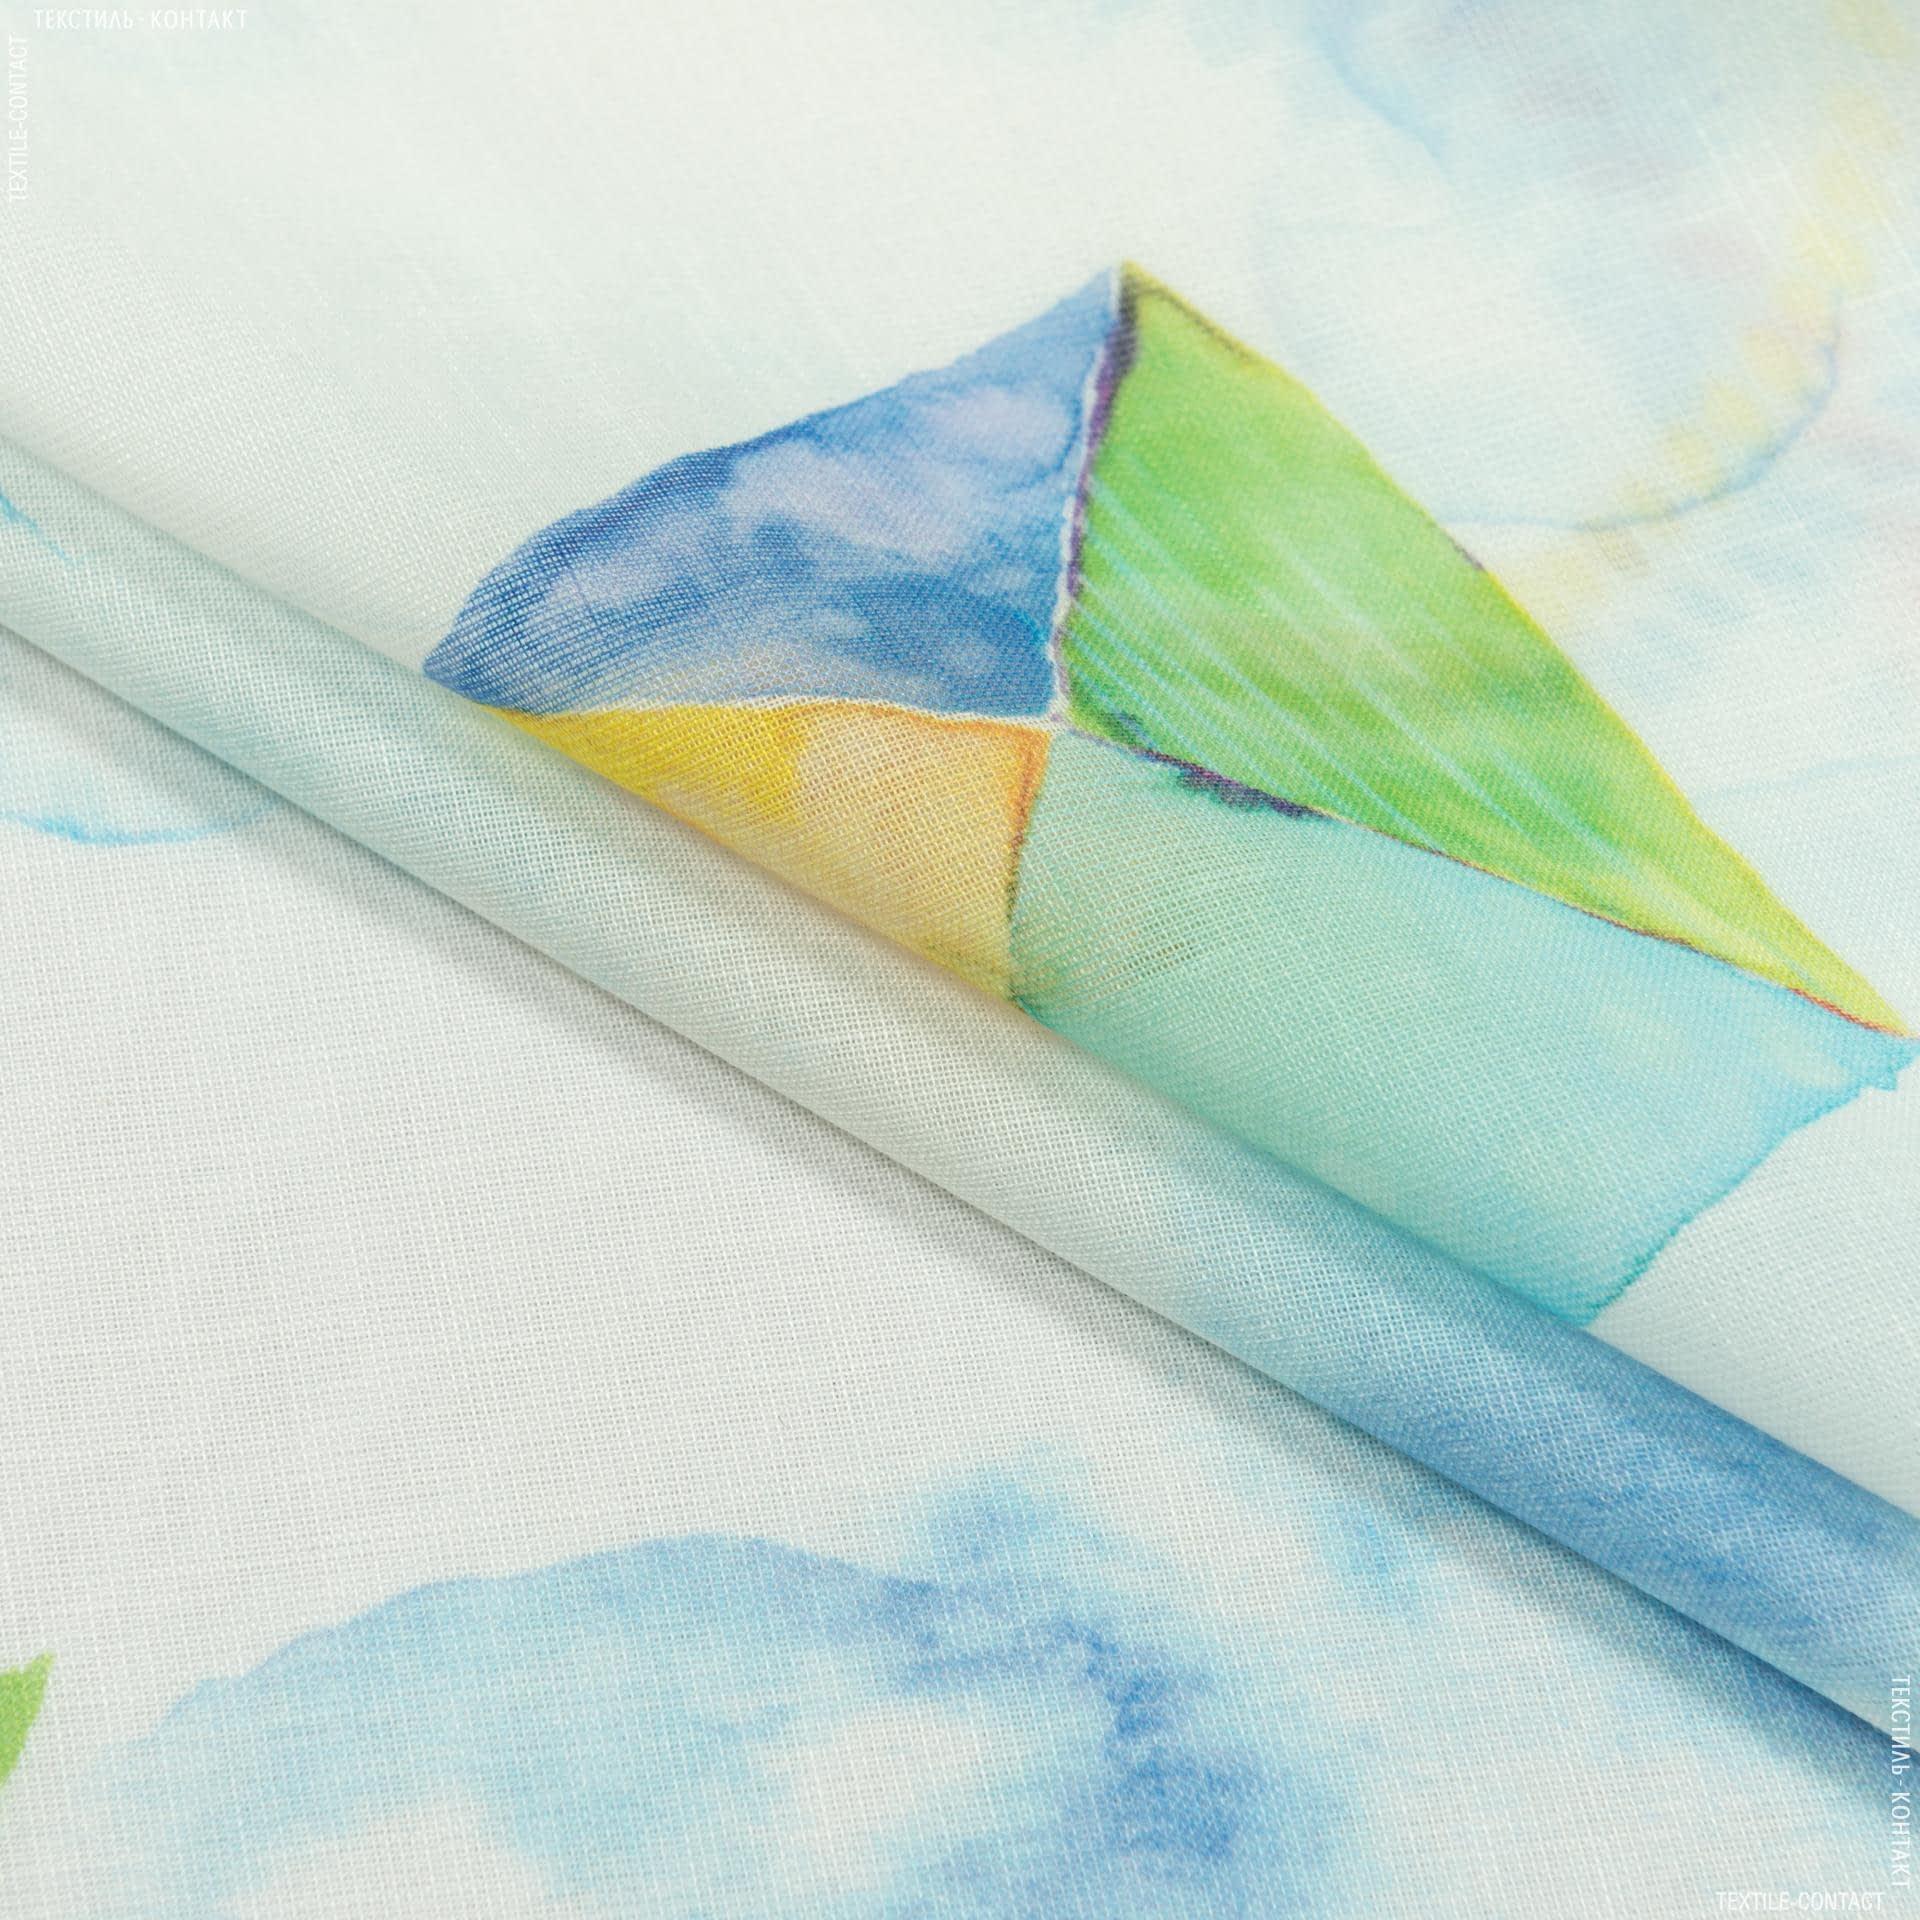 Тканини для тюлі - Тюль з обважнювачем кайт повітряні змії/kite/тон молочний купон